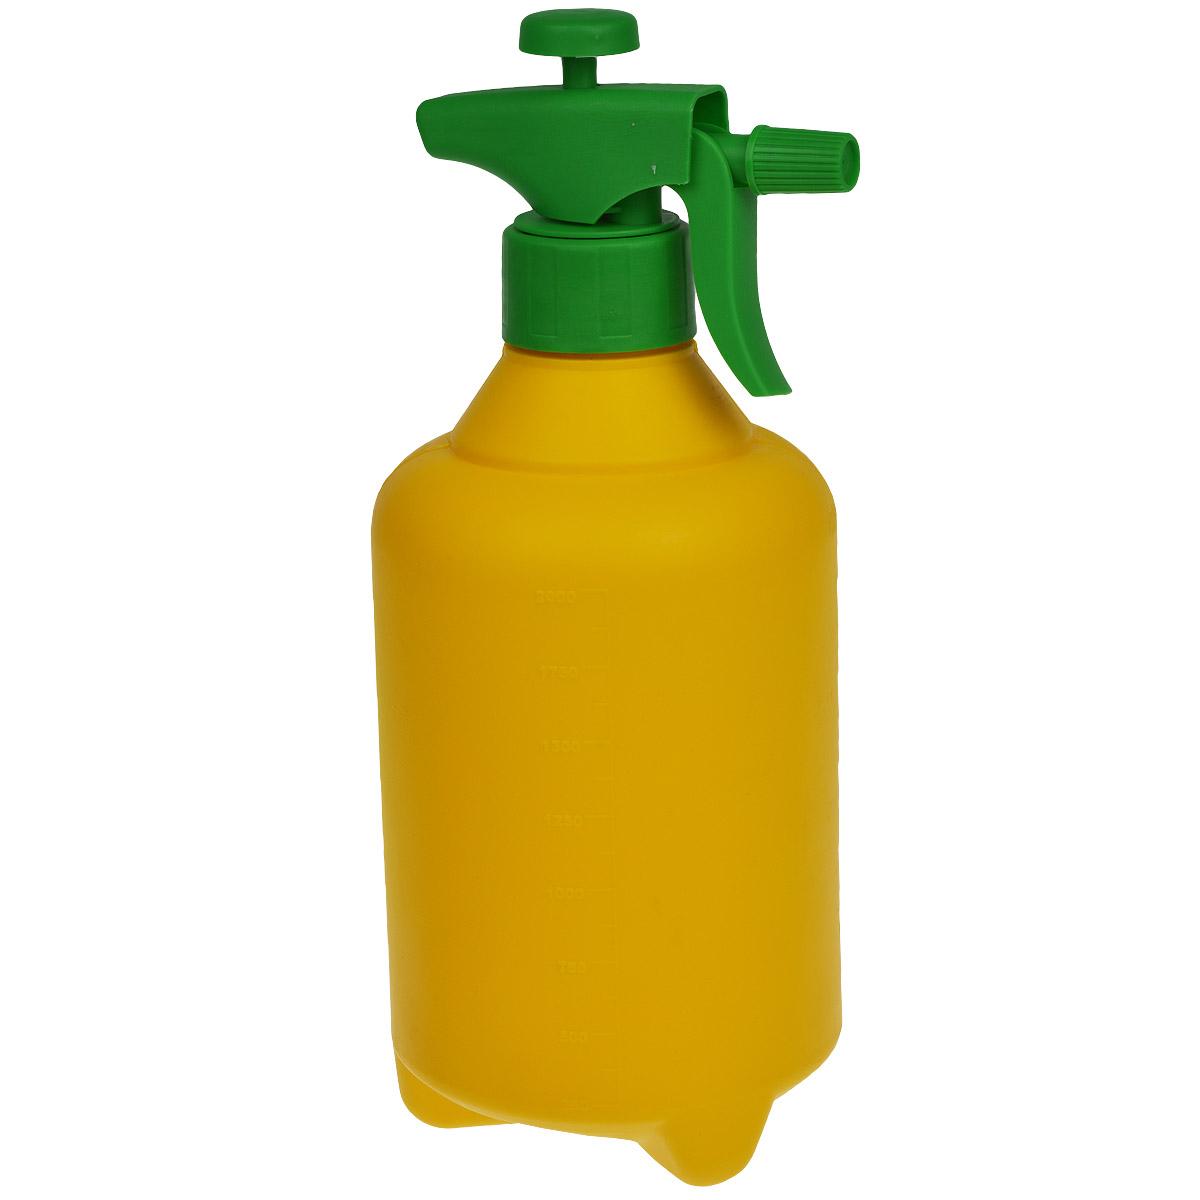 Опрыскиватель помповый Альтернатива, цвет: желтый, зеленый, 2 лM269Помповый опрыскиватель Альтернатива предназначен не только для опрыскивания средствами защиты растений и жидкими удобрениями, но и для побелки известью деревьев. Опрыскиватель легок в использовании. При нажатии на специальный рычаг раствор распыляется. Такой опрыскиватель станет незаменимым помощником на вашем садовом участке.